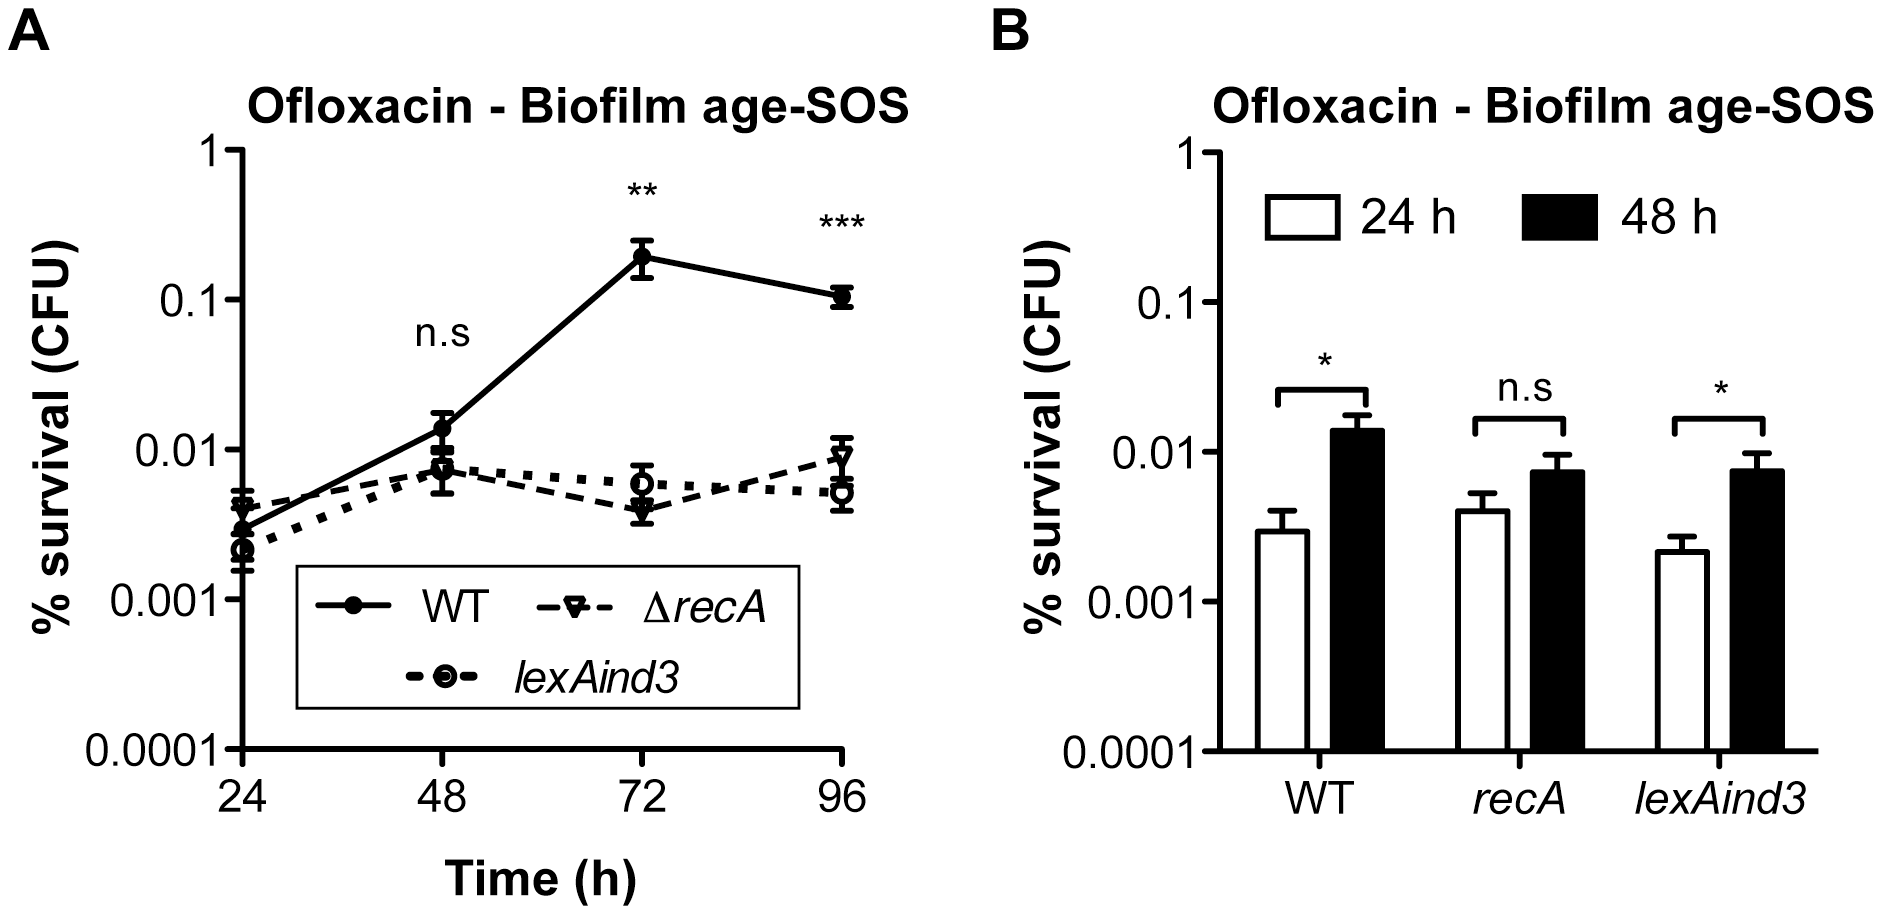 Ofloxacin tolerance in aging biofilms is SOS-response-dependent.